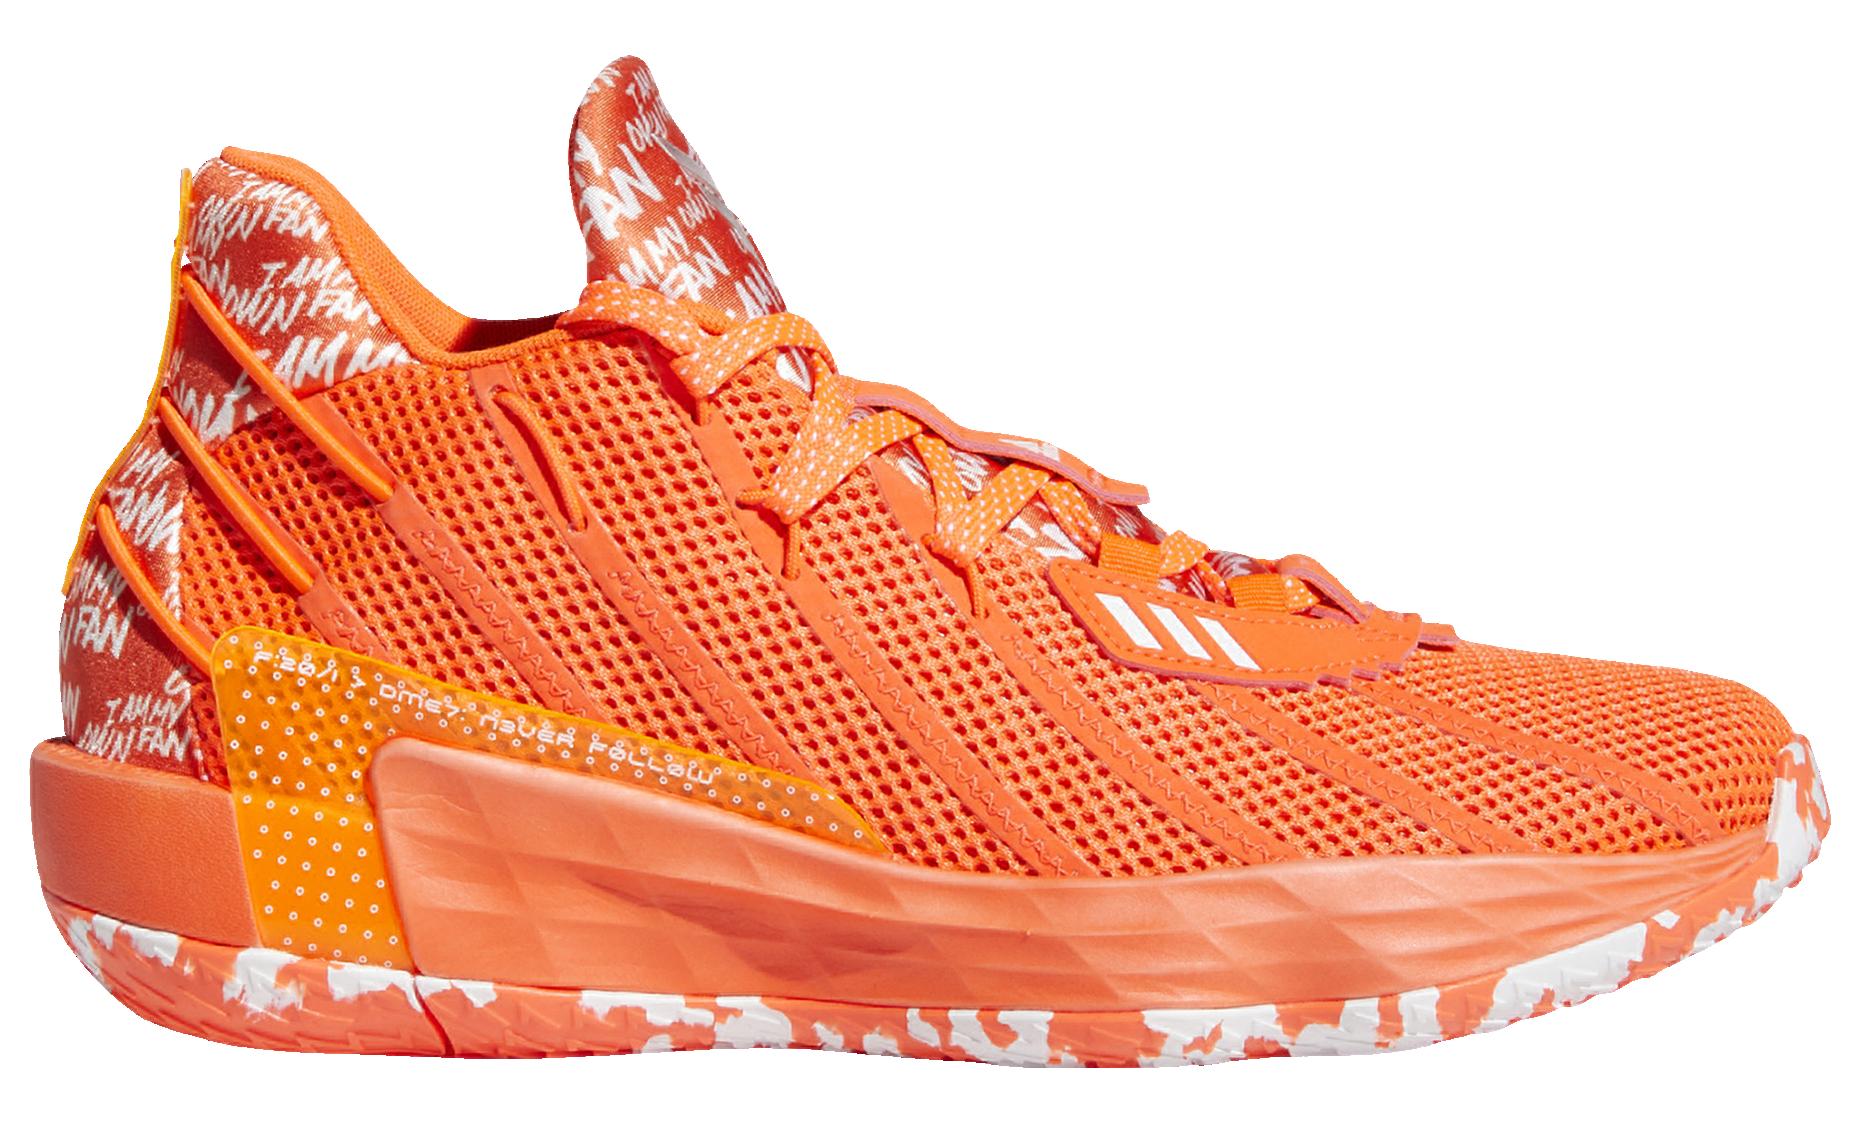 Adidas Dame 7 'Orange' Lateral